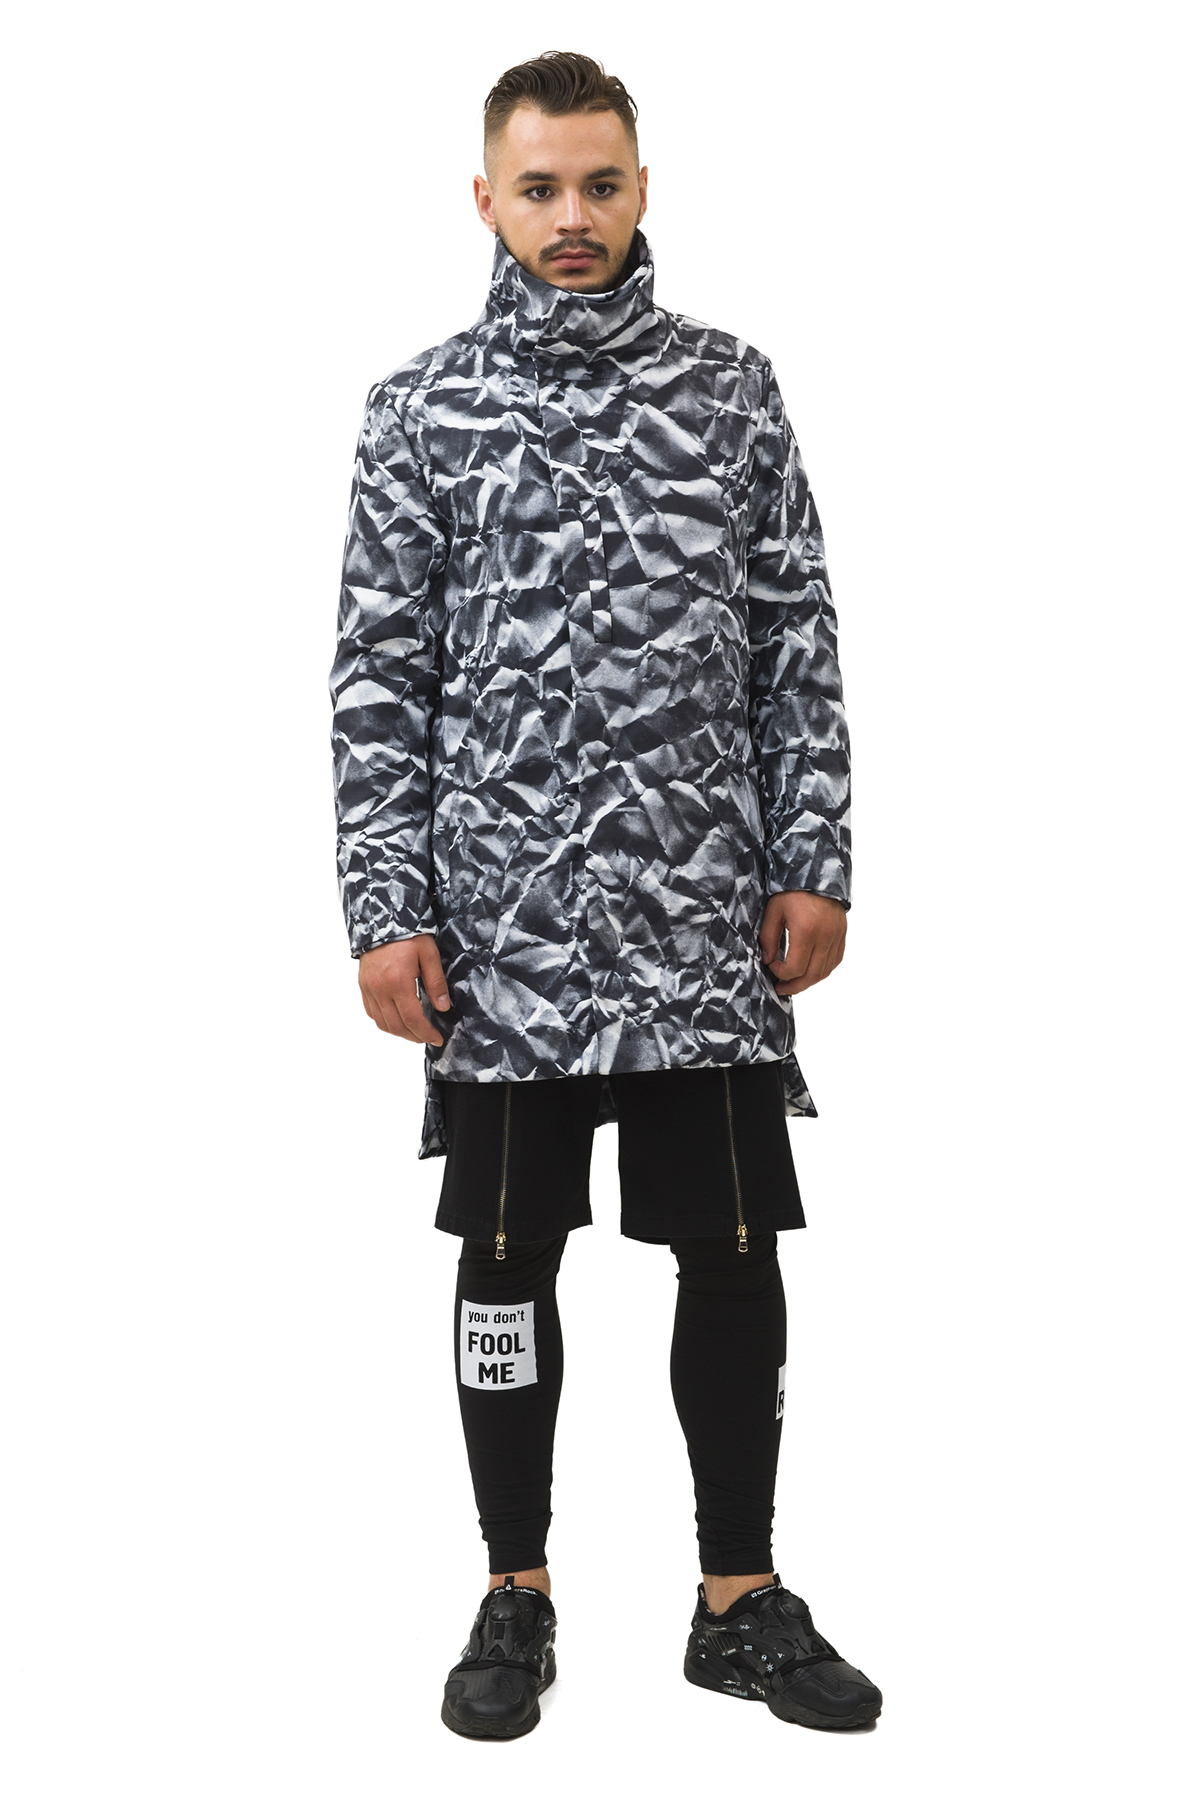 КурткаКуртки, пальто, ветровки<br>Куртка мужская бренда Pavel Yerokin выполнено из принтованной ткани. Особенности: прямой крой, асимметричный низ, высокая стойка воротника, два кармана сбоку, один внутренний карман. Принт с эффектом мятой бумаги.<br><br>Цвет: серый<br>Состав: Полиэстер - 100%  Подкладка: Вискоза - 50%, Полиэстер - 50%<br>Размер: 44,46,48,50,52,54<br>Страна дизайна: Россия<br>Страна производства: Россия